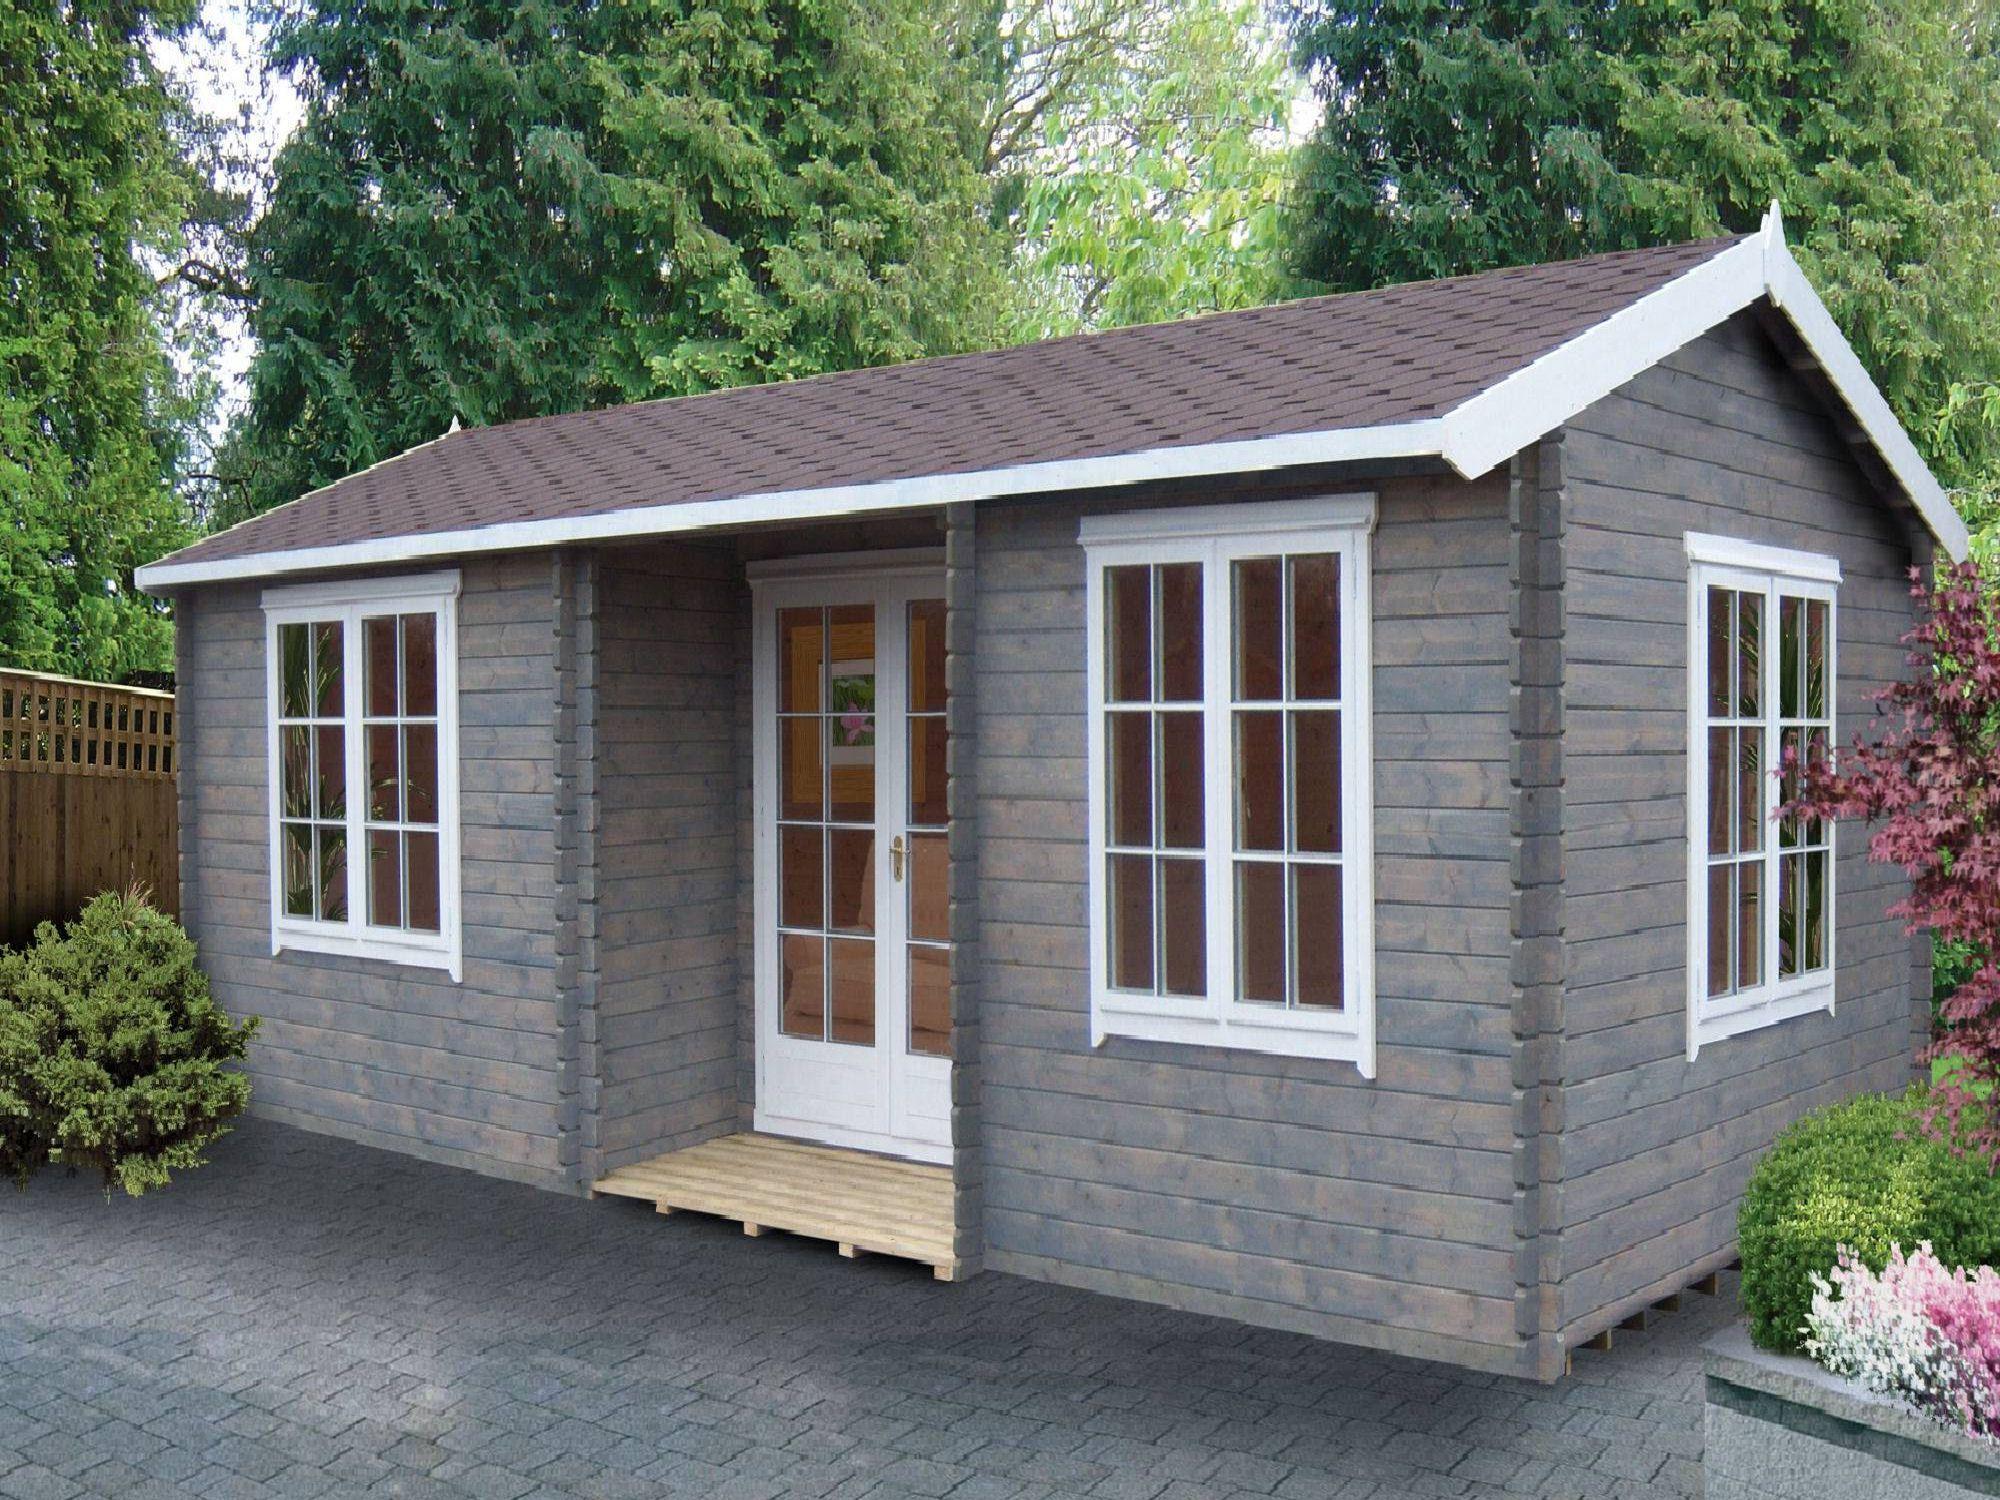 garden log cabins 14g x 26 (4.19m x